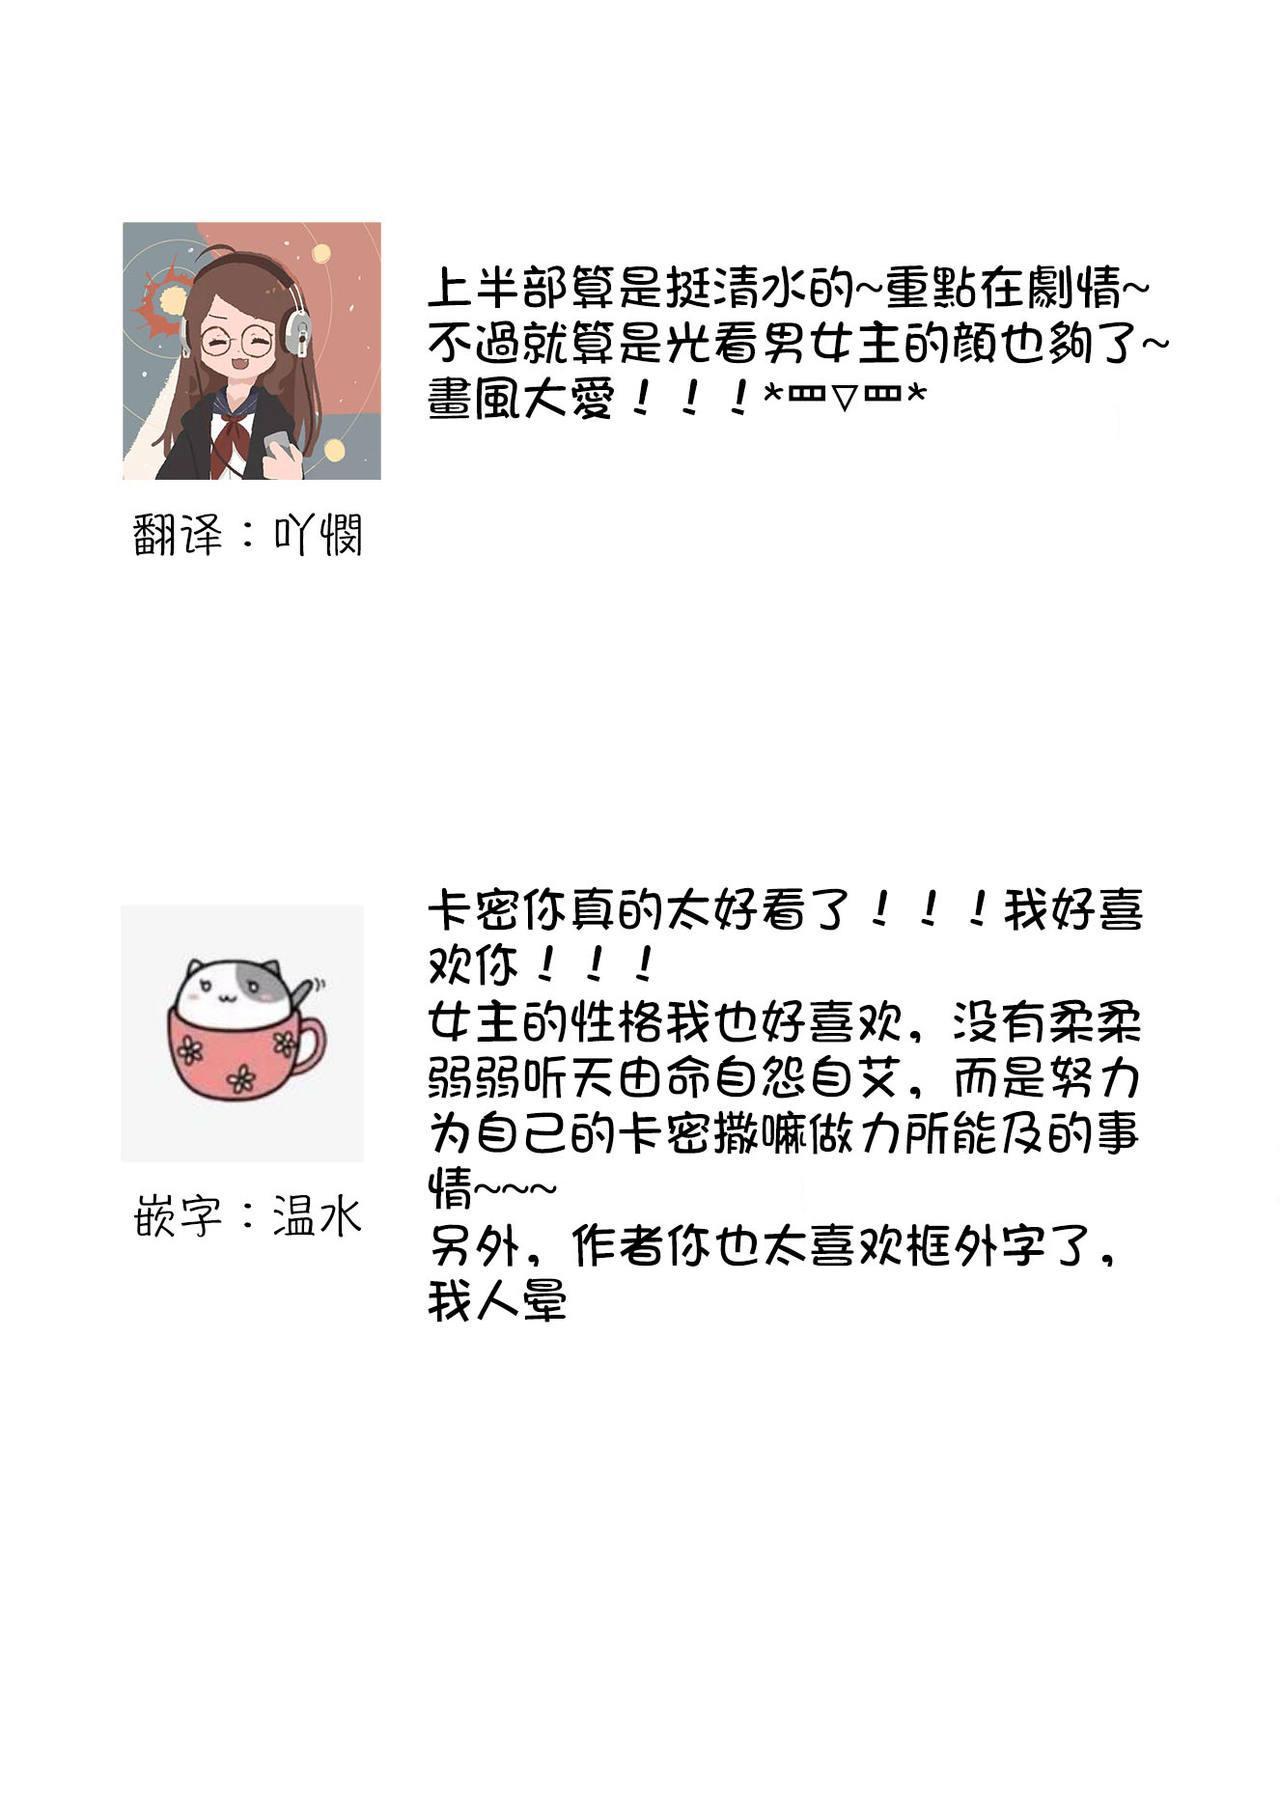 kyosei ranbu itoshi no kamisama ha amayaka ni osu deshita | 嬌聲亂舞 深愛的神明大人甜寵且英勇 37